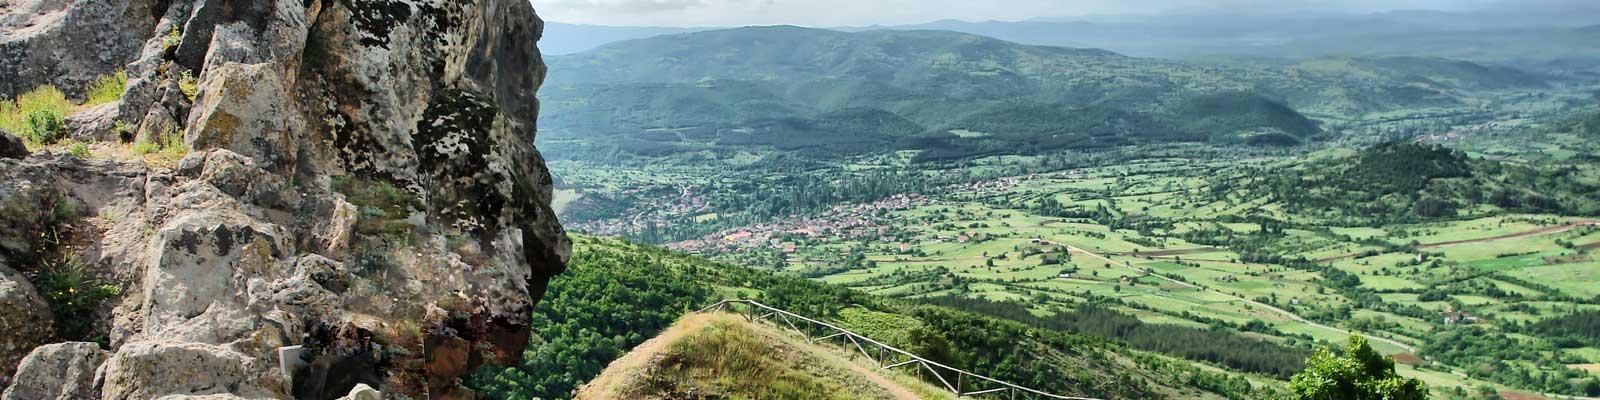 Panama Montanhas Verdes vilas para as ferias. Casas para investimento ou aposentadoria.